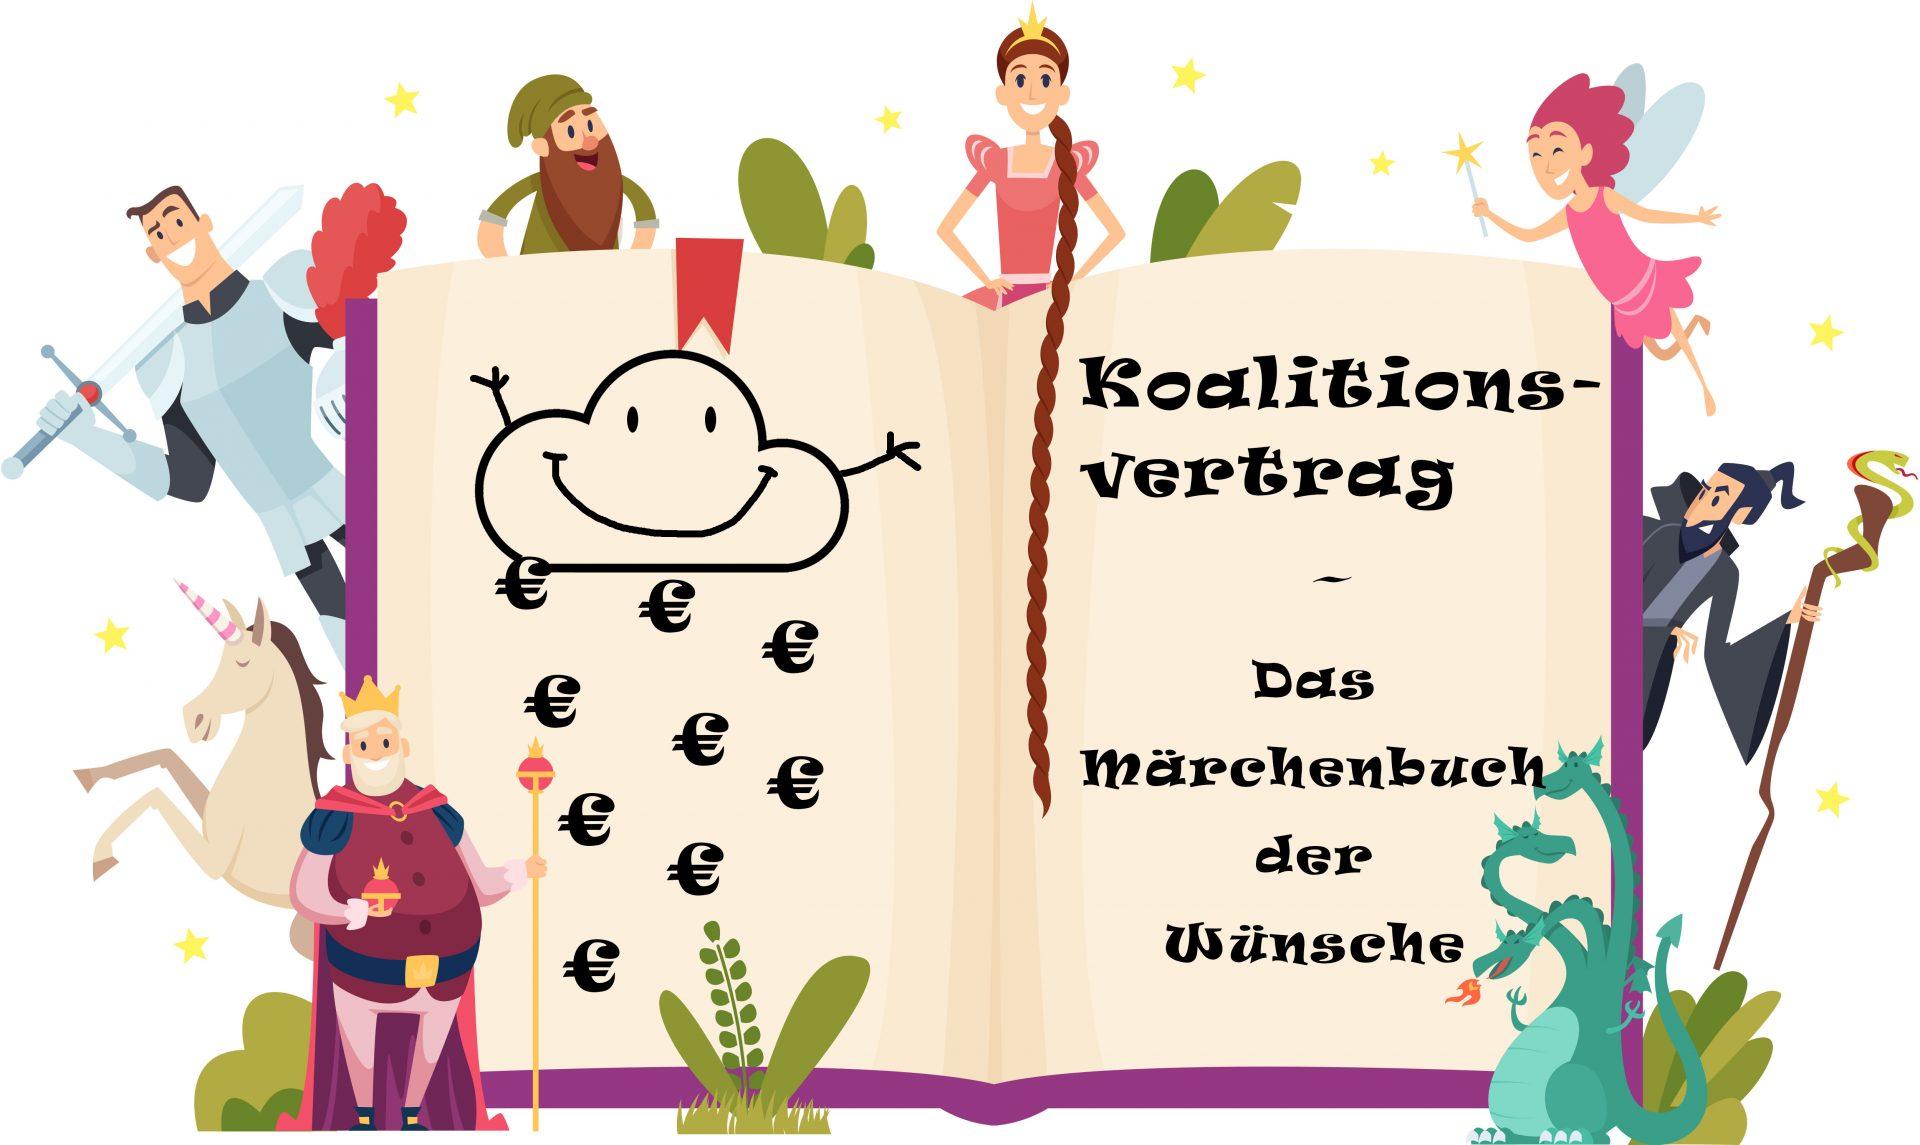 Märchenbuch mit Märchenfiguren